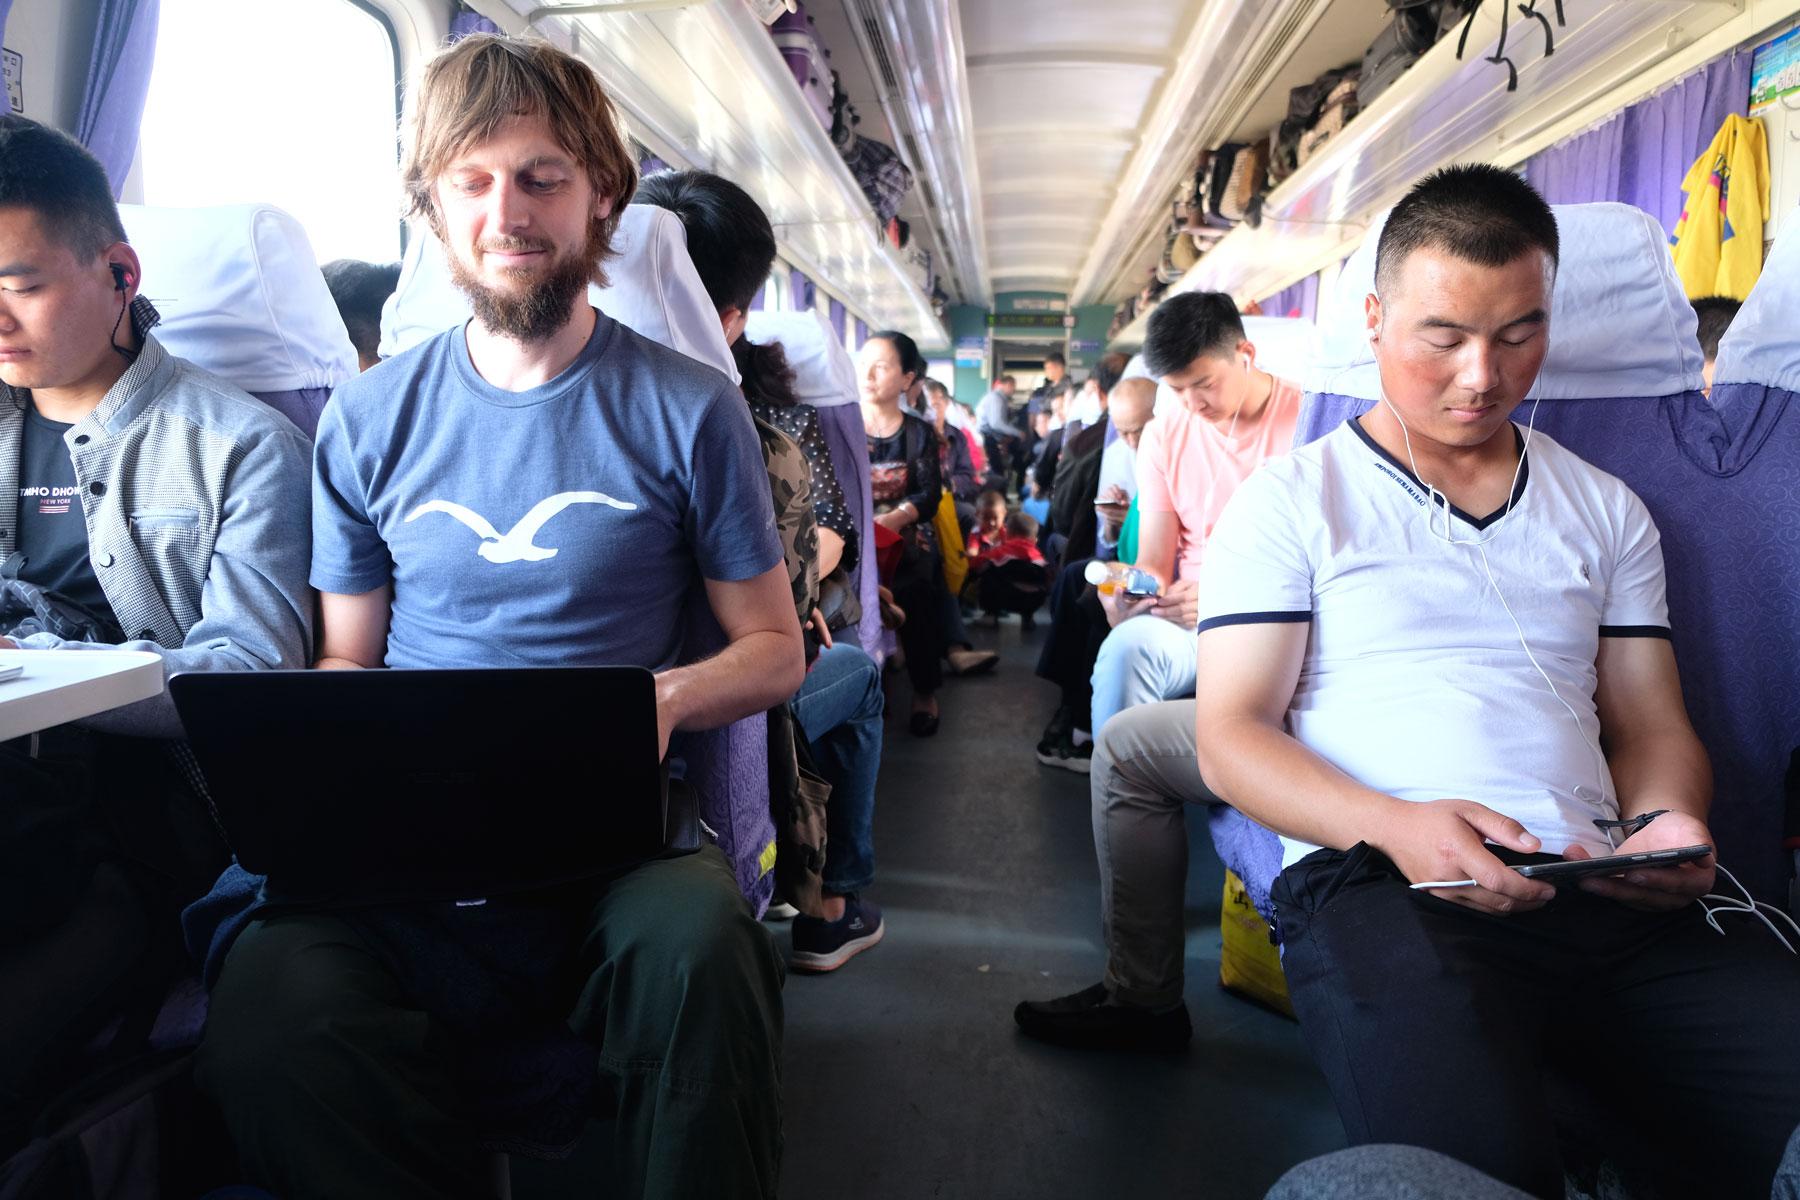 Diese erste Zugfahrt vermittelt uns ein verzerrtes Bild vom Bahnfahren in China: auf dieser Strecke ist so herrlich wenig los, dass Sebastian sogar Zeit findet, am Blog zu arbeiten. Das wird bei den nächsten Zugfahrten anders werden...